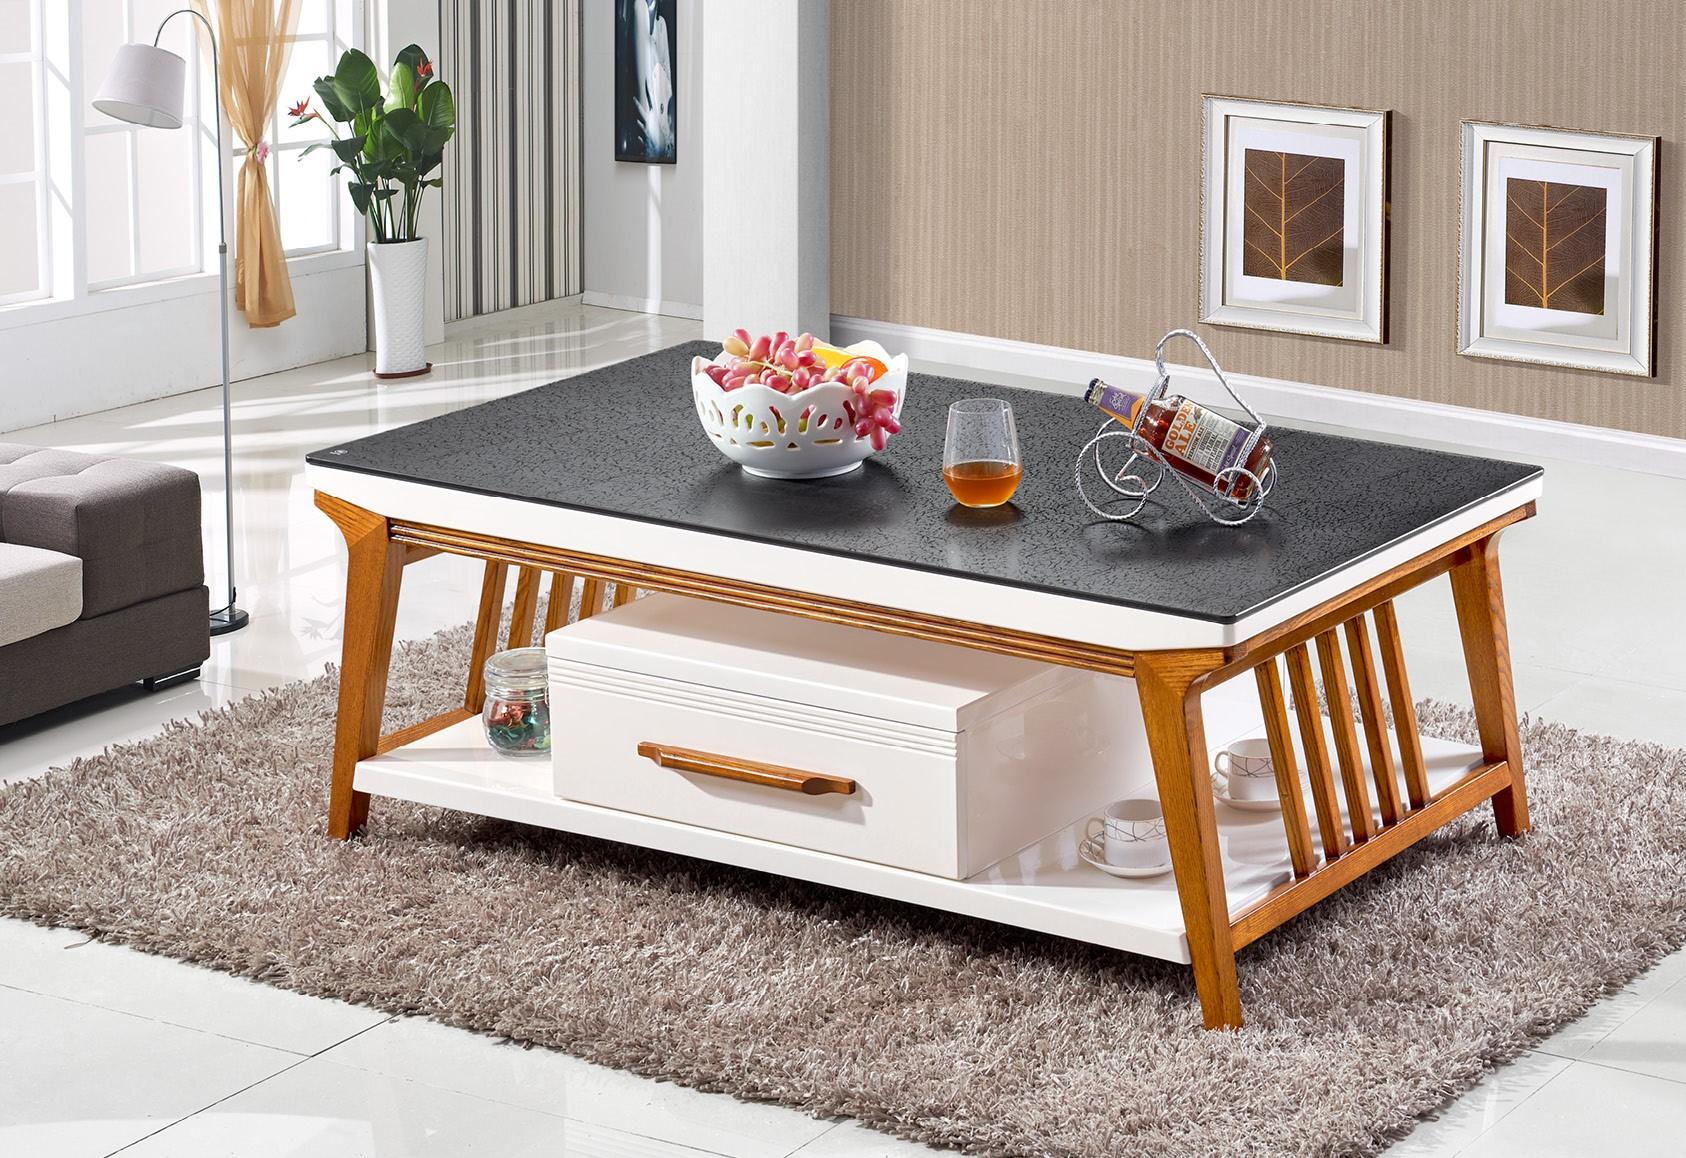 Mẫu bàn sofa độc đáo cho phòng khách đẹp và sang trọng